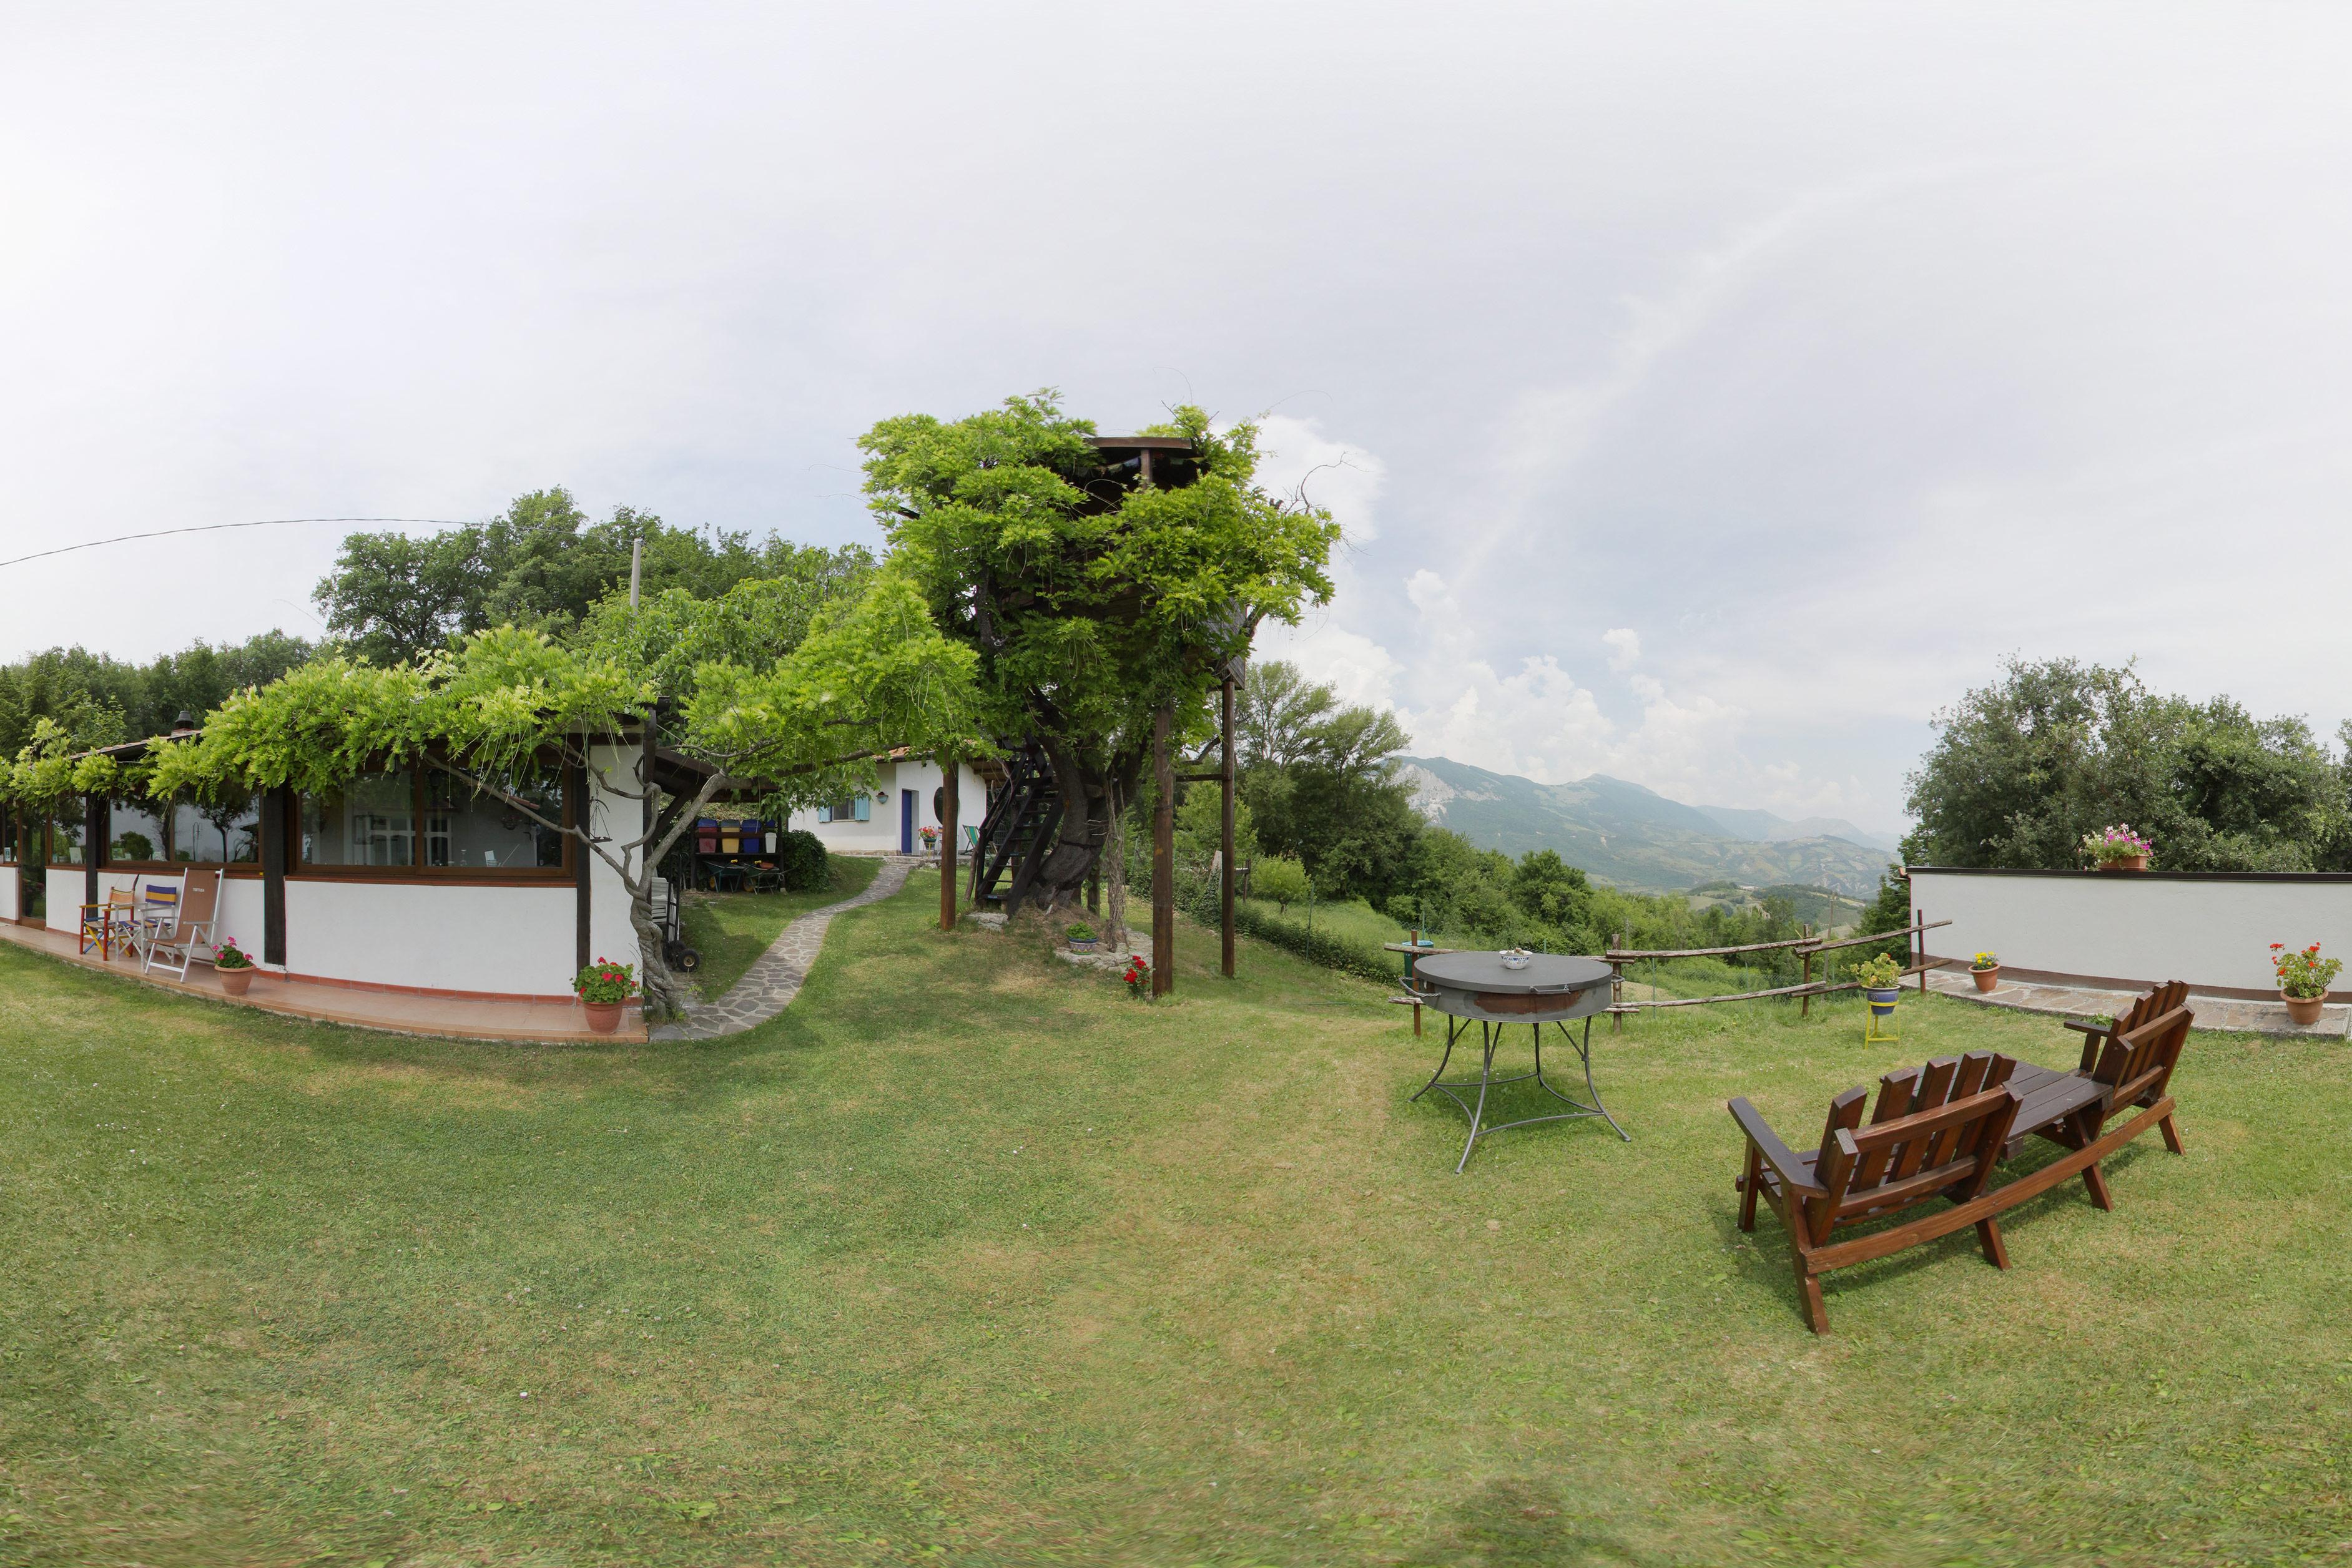 la casa sull'albero dell'agriturismo biologico l'aperegina - sosta green vicino alla transiberiana d'Italia